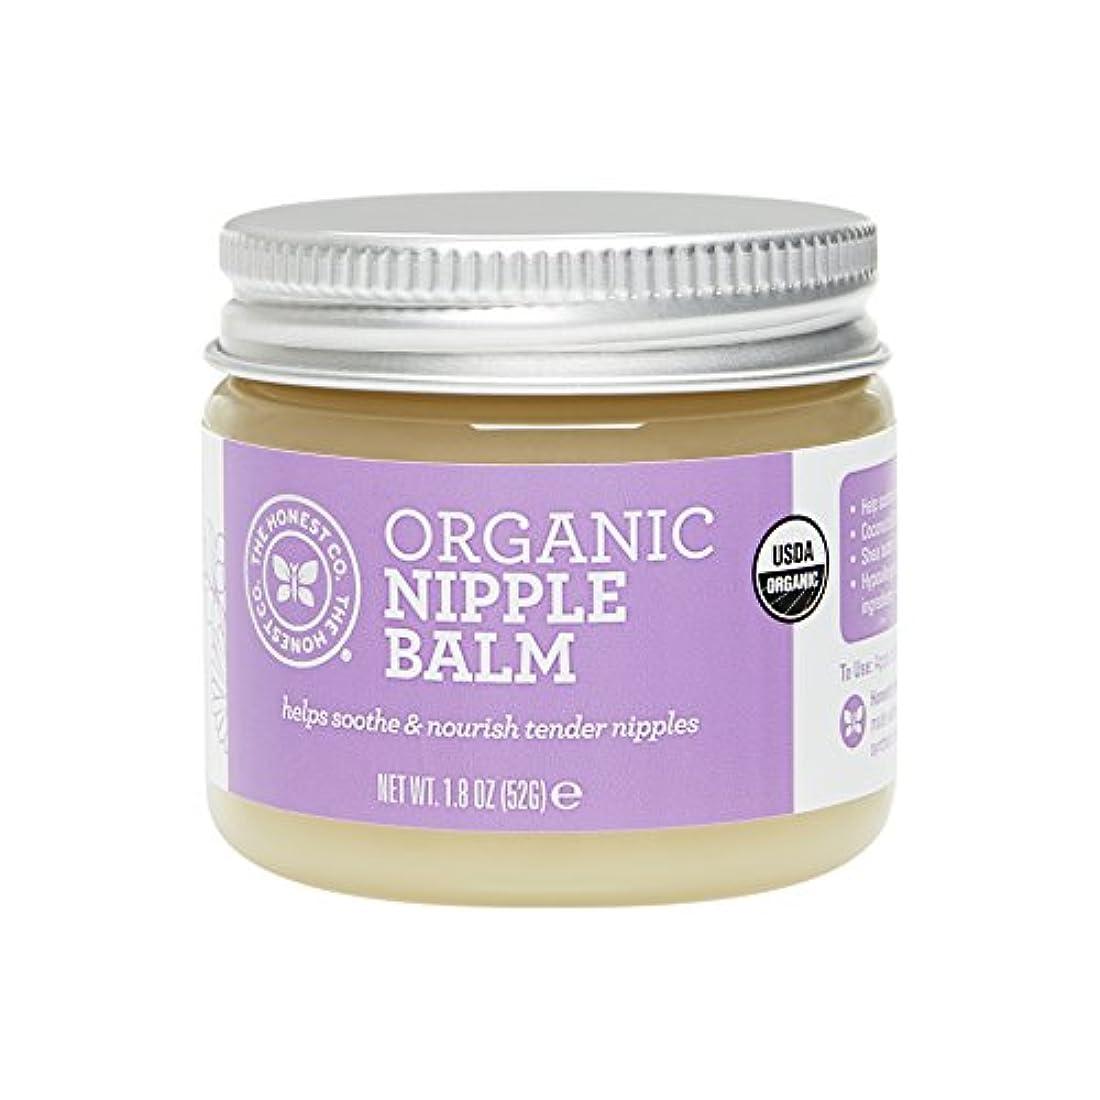 曲がった類人猿正確The Honest Company Organic Nipple Balm 1.8 oz [並行輸入品]